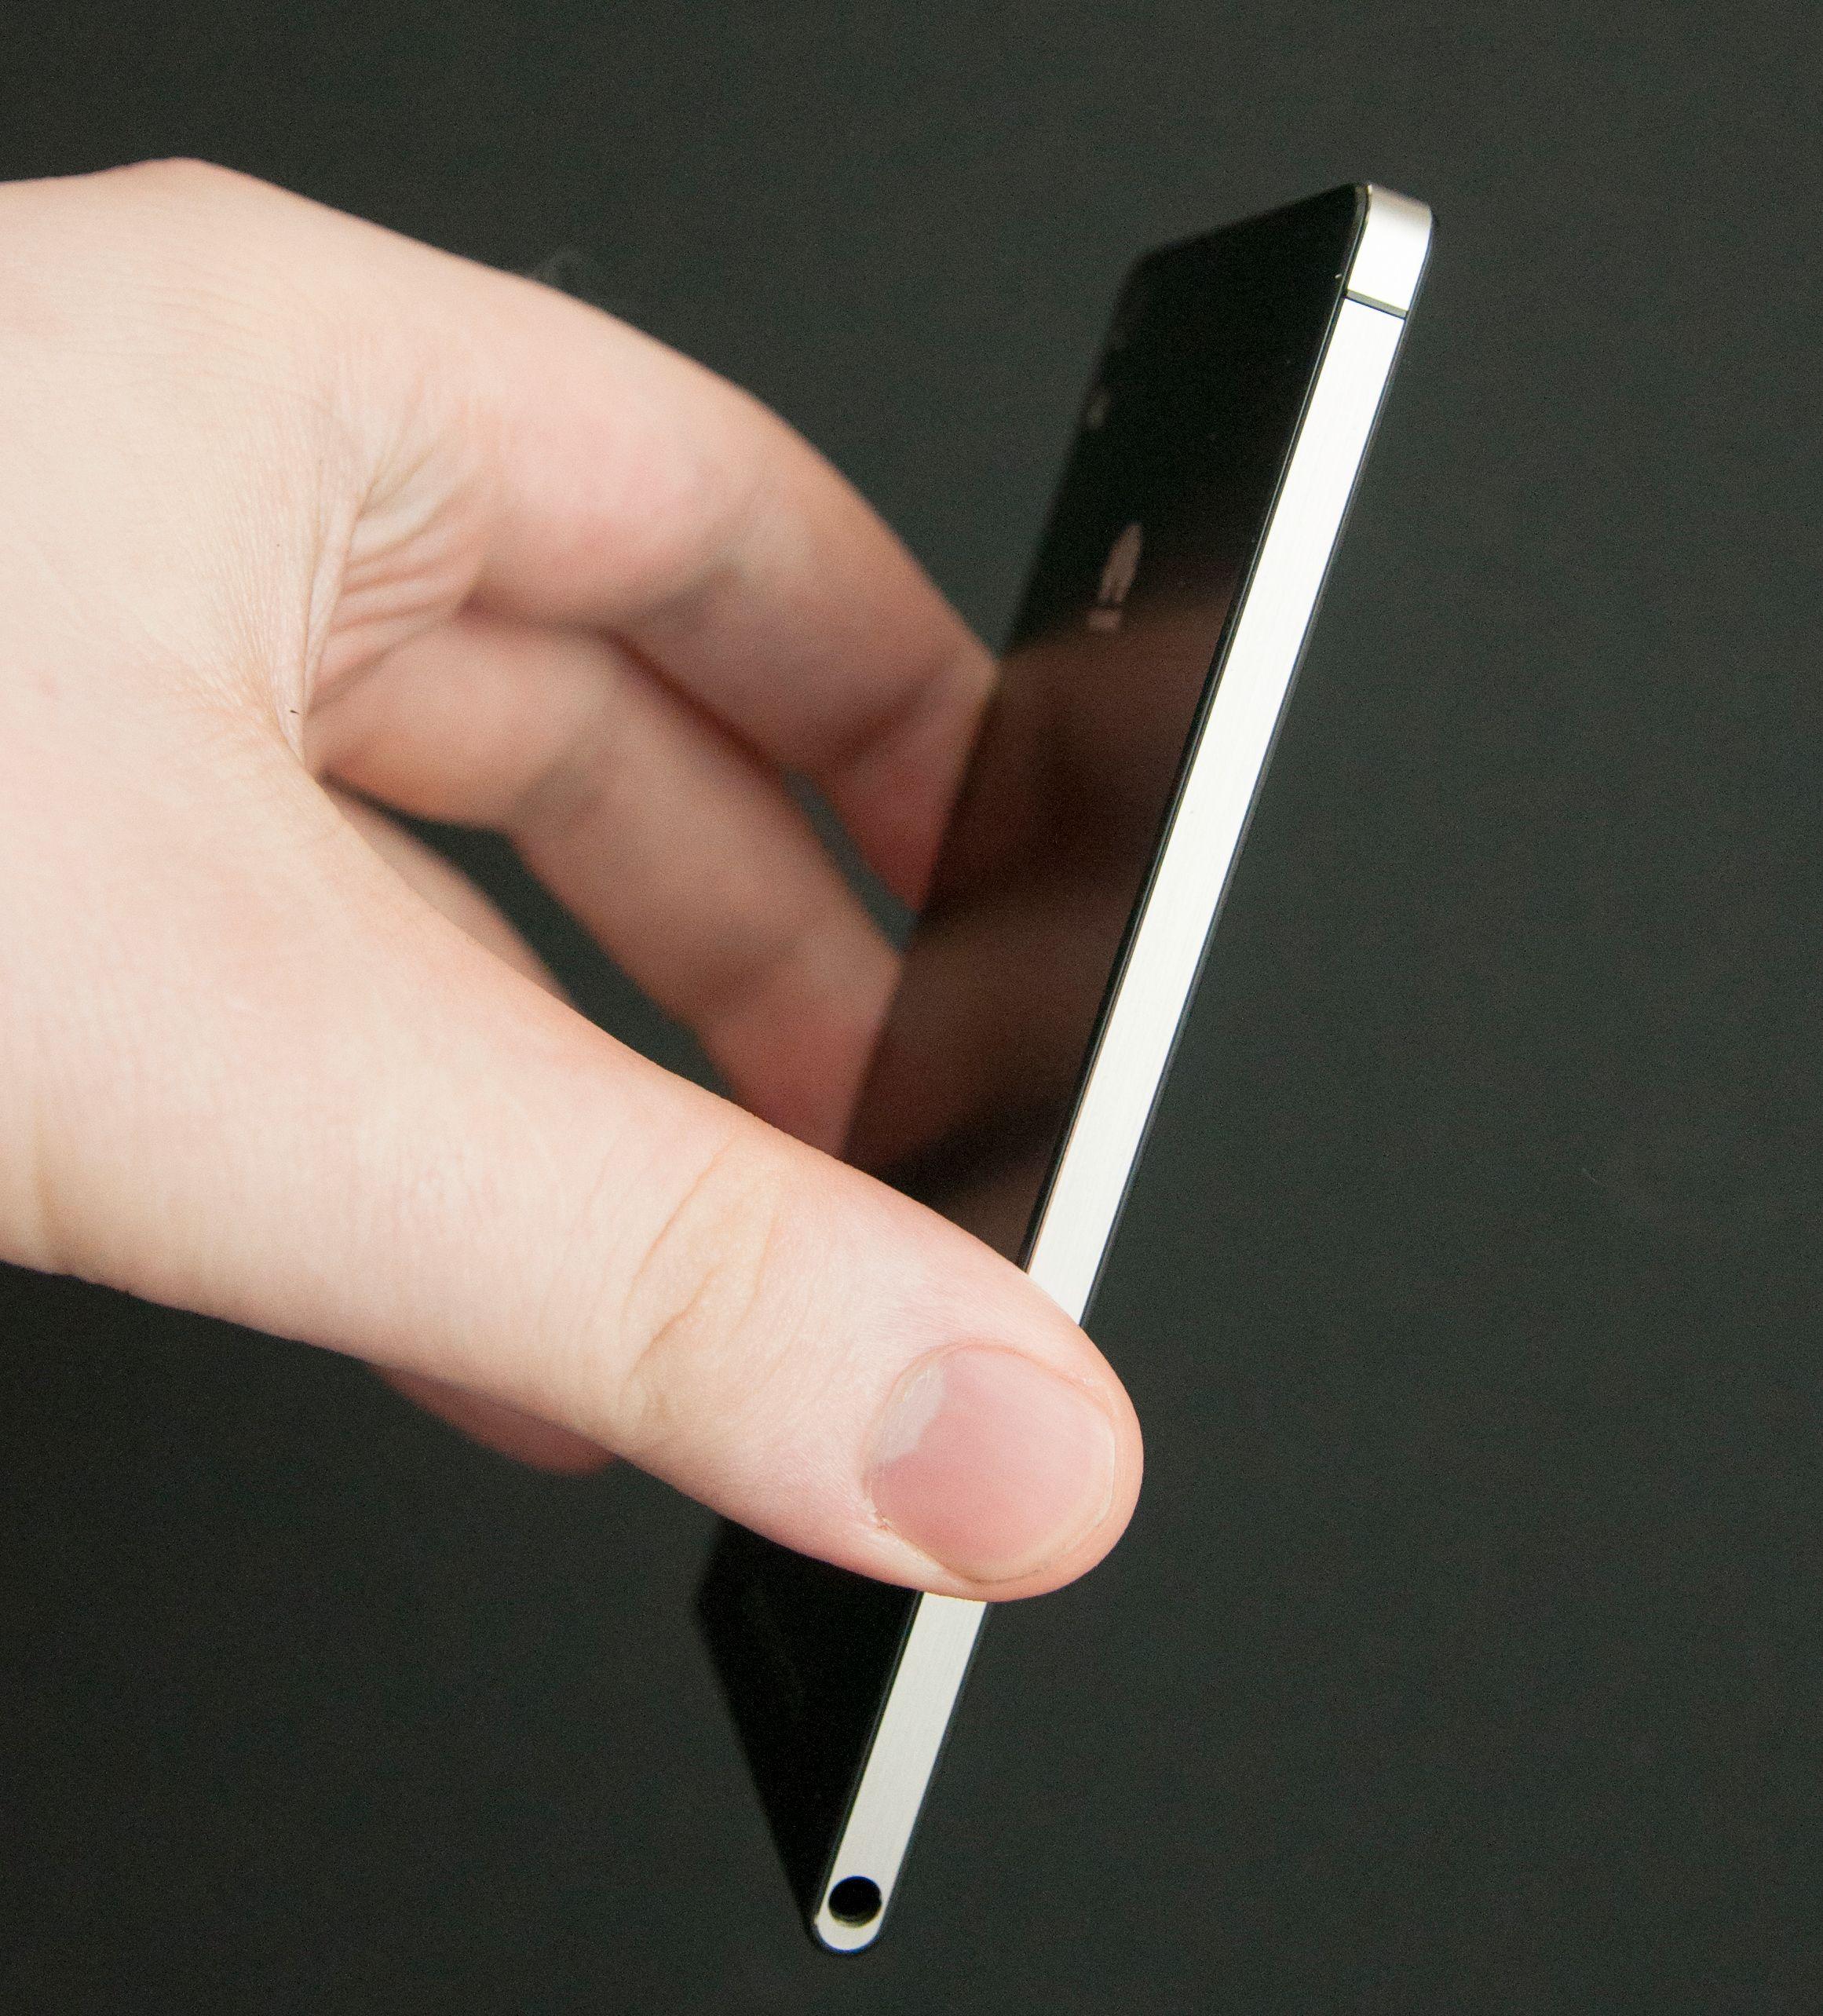 Ascend P6 er en svært tynn telefon. Vi ser også at Huawei har latt seg inspirere av Apples iPhone-design.Foto: Finn Jarle Kvalheim, Amobil.no